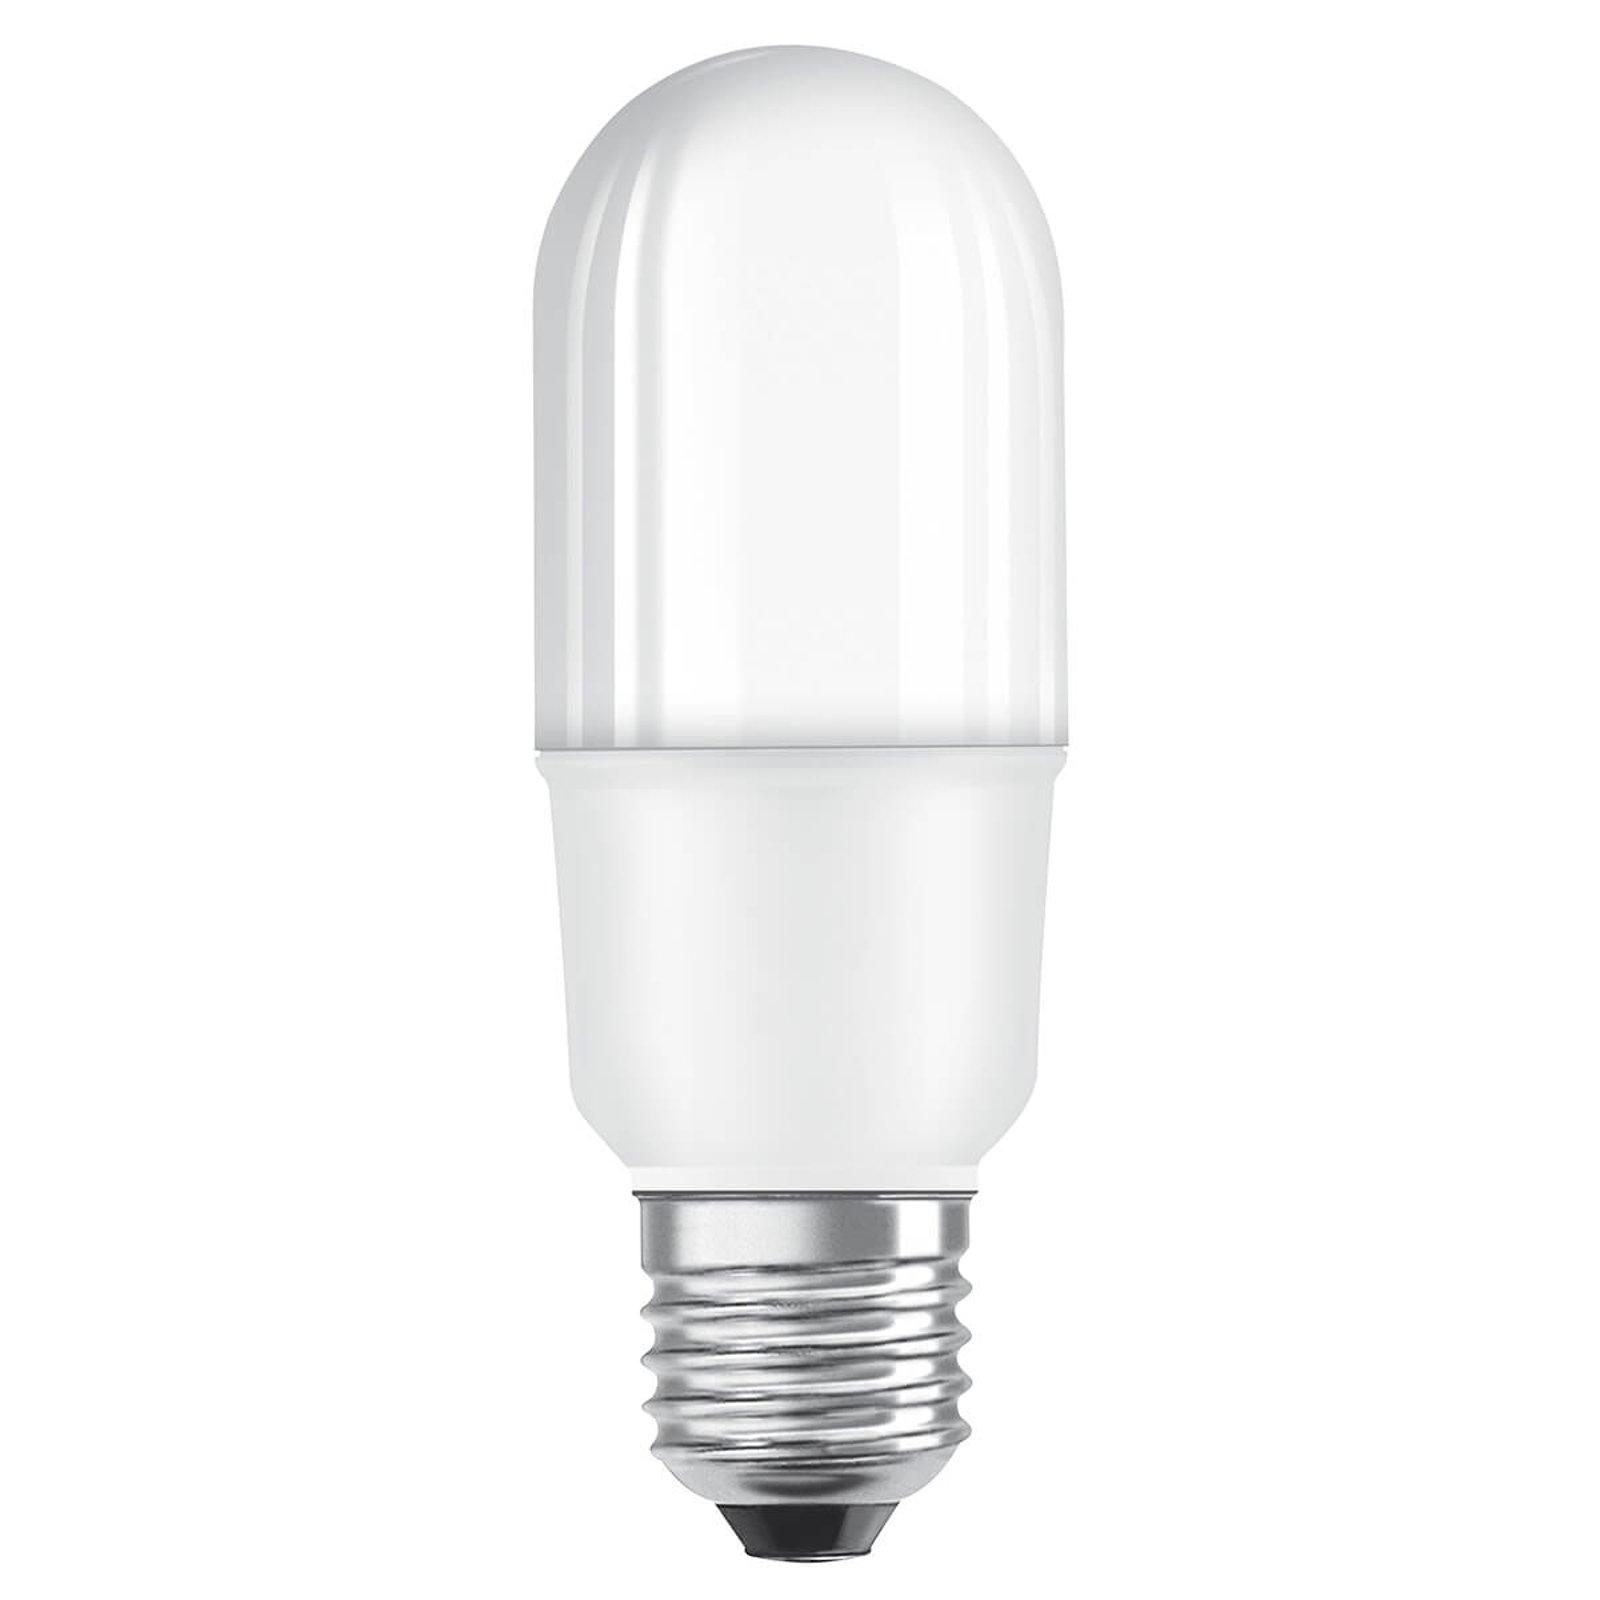 OSRAM LED-rørlampe Star E27 8 W universalhvit